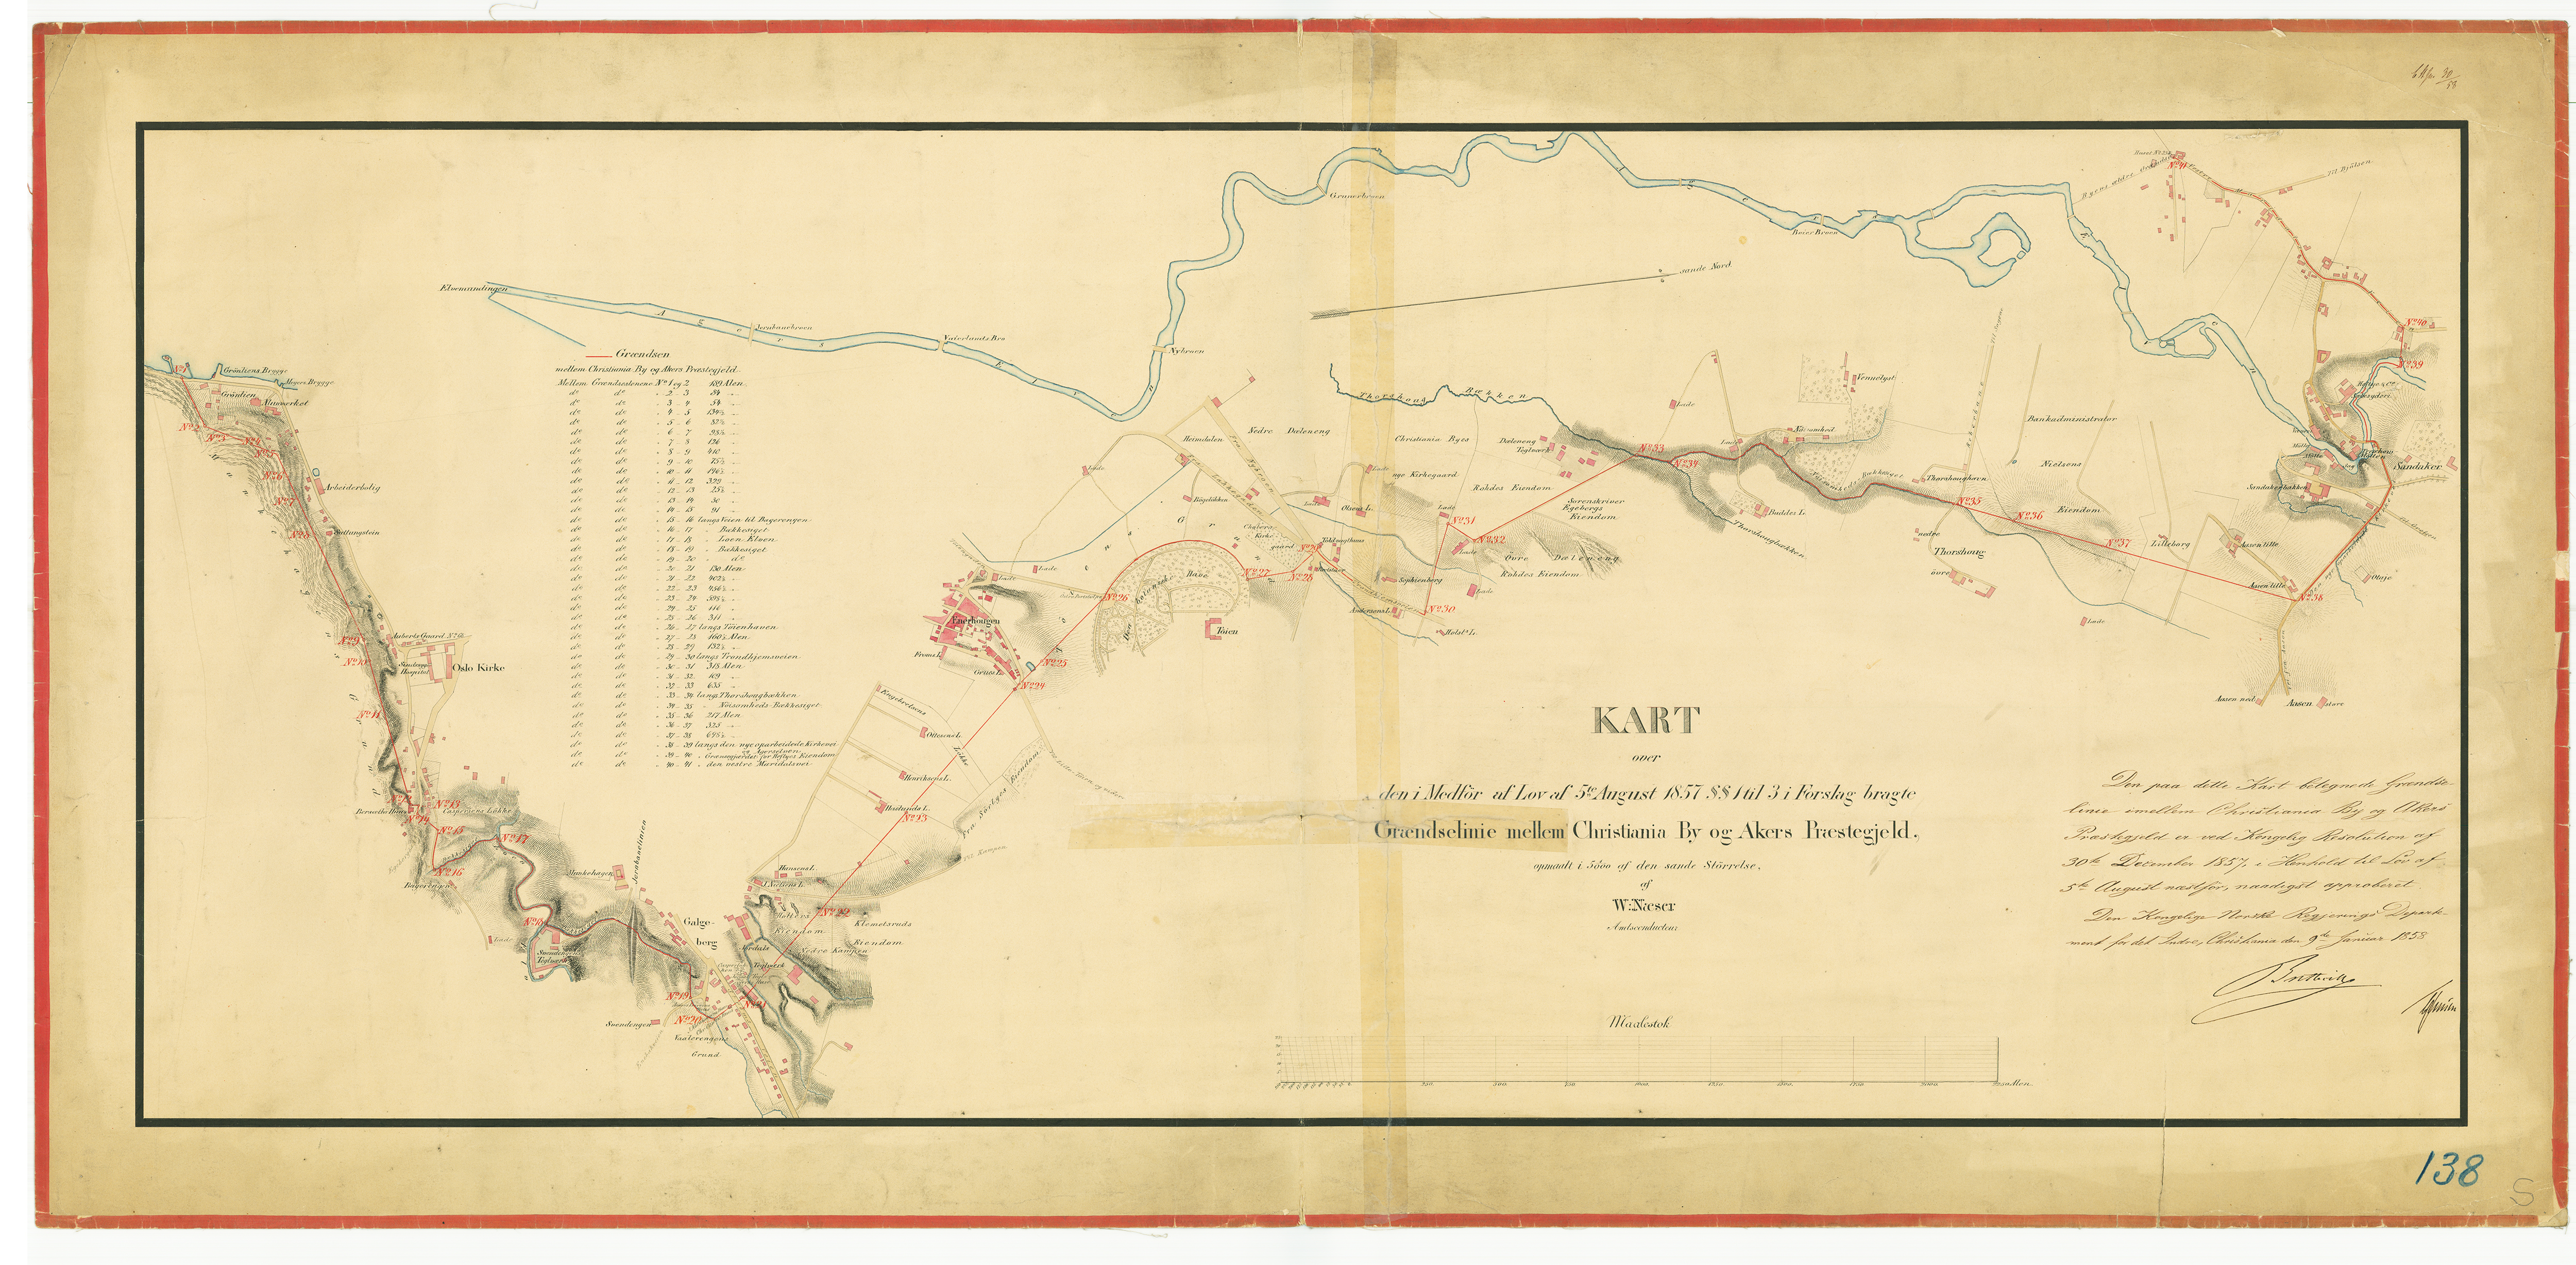 Kartet viser ny grense mellom Christiania og Aker, vedtatt ved lov av 5. august 1857, og gjeldende fra 1. januar 1859. Fra arkivet etter Plan- og bygningsetaten.